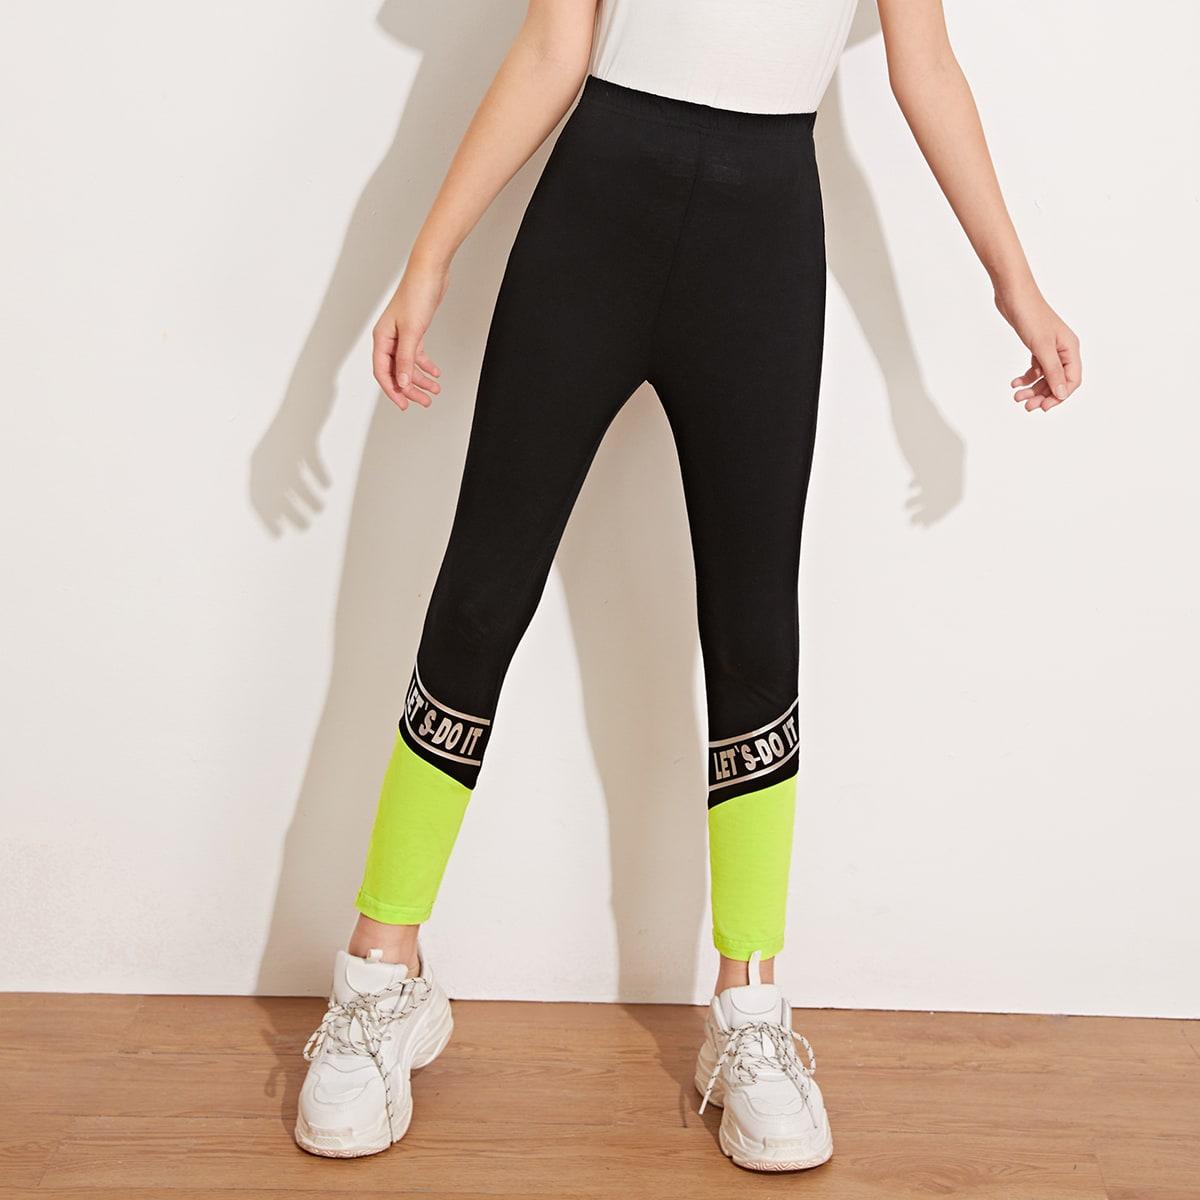 SHEIN / Mädchen Leggings mit Buchstaben Grafik und Farbblock